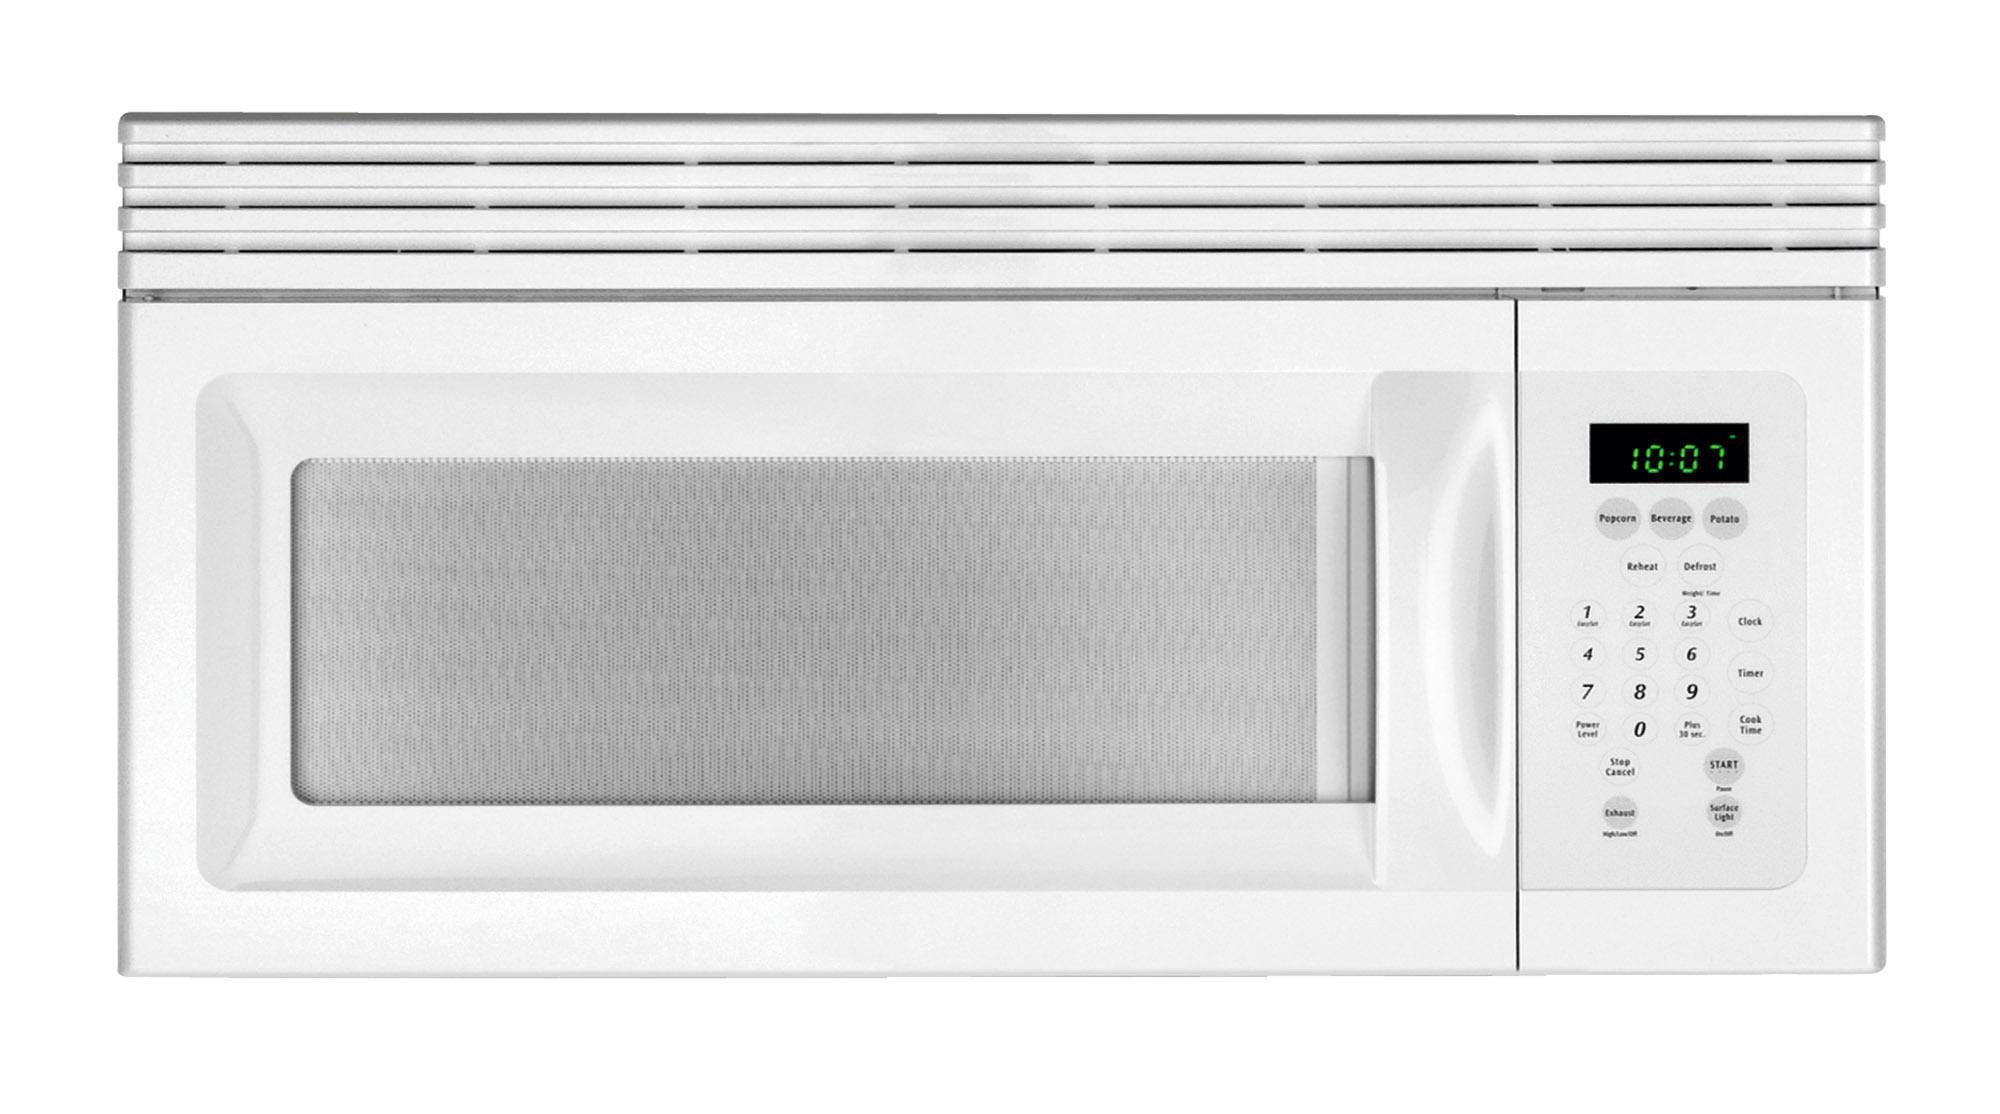 Universal Microwave Model MWV150KWA Parts